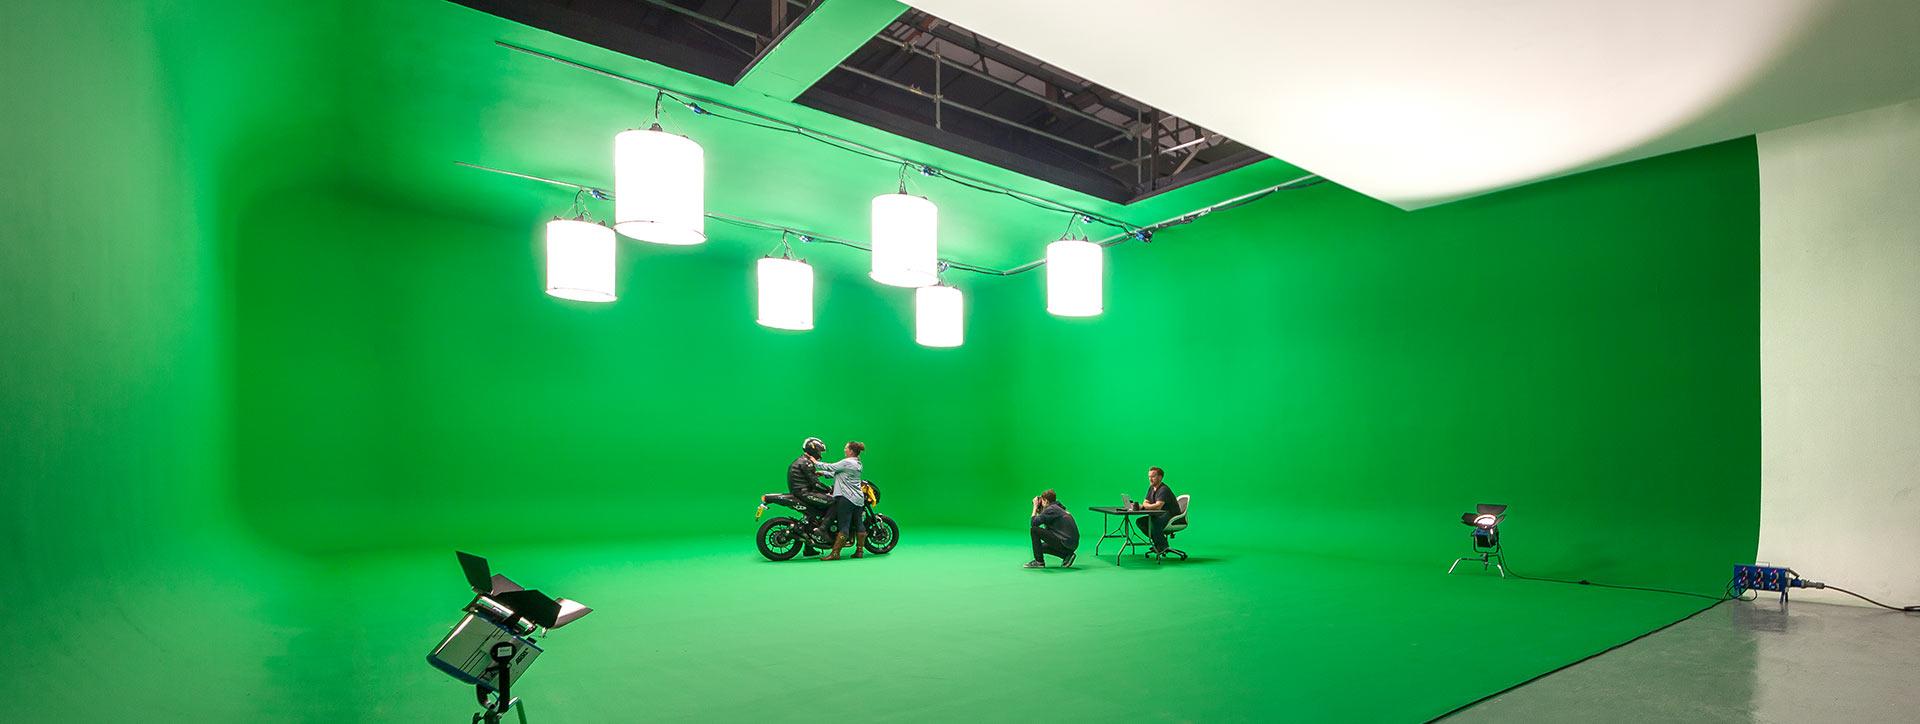 studio2-3C-17.10.16